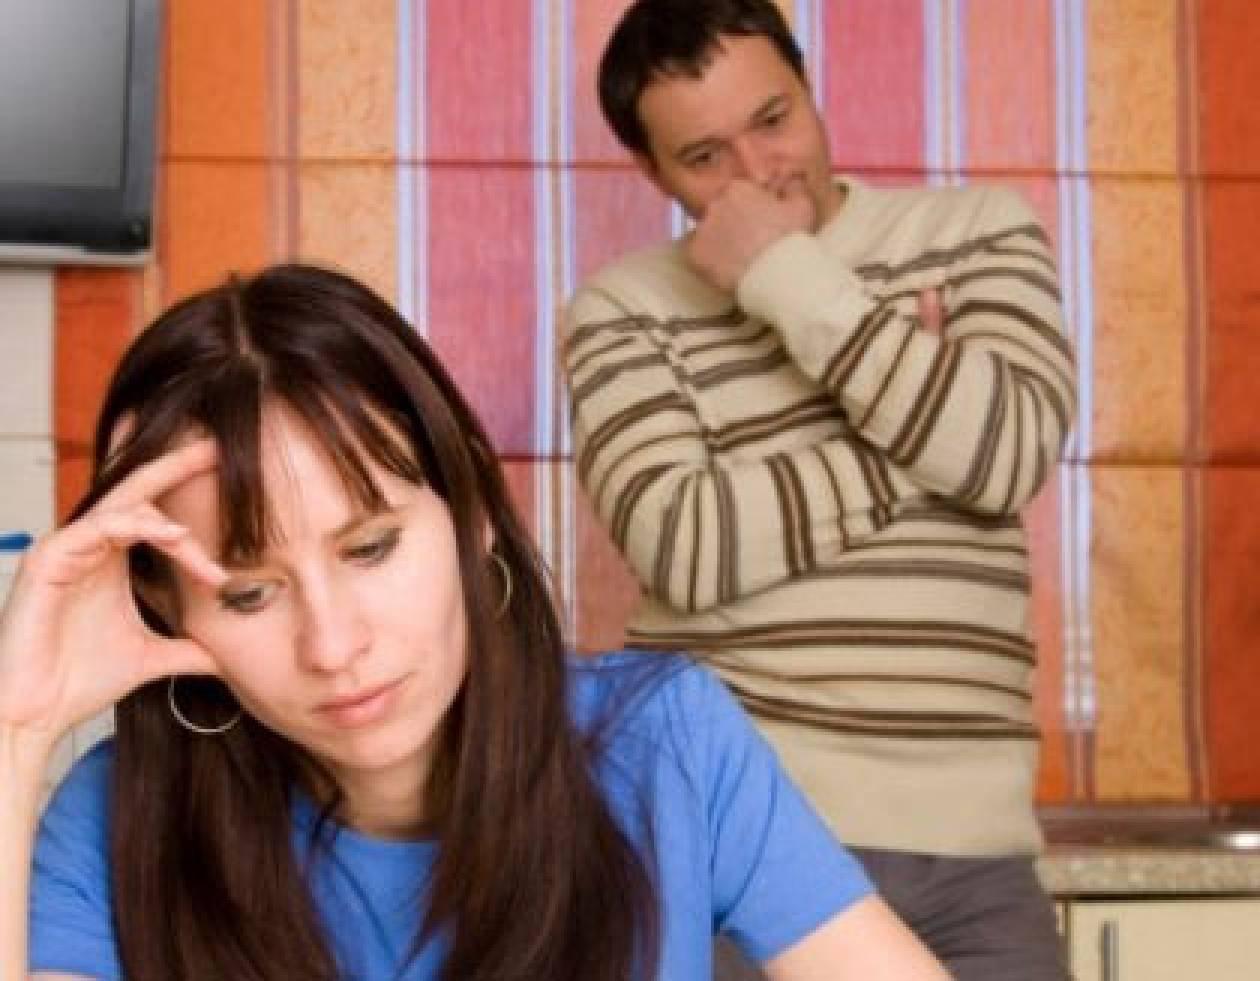 Απιστία: Χωράει στη σχέση σας;